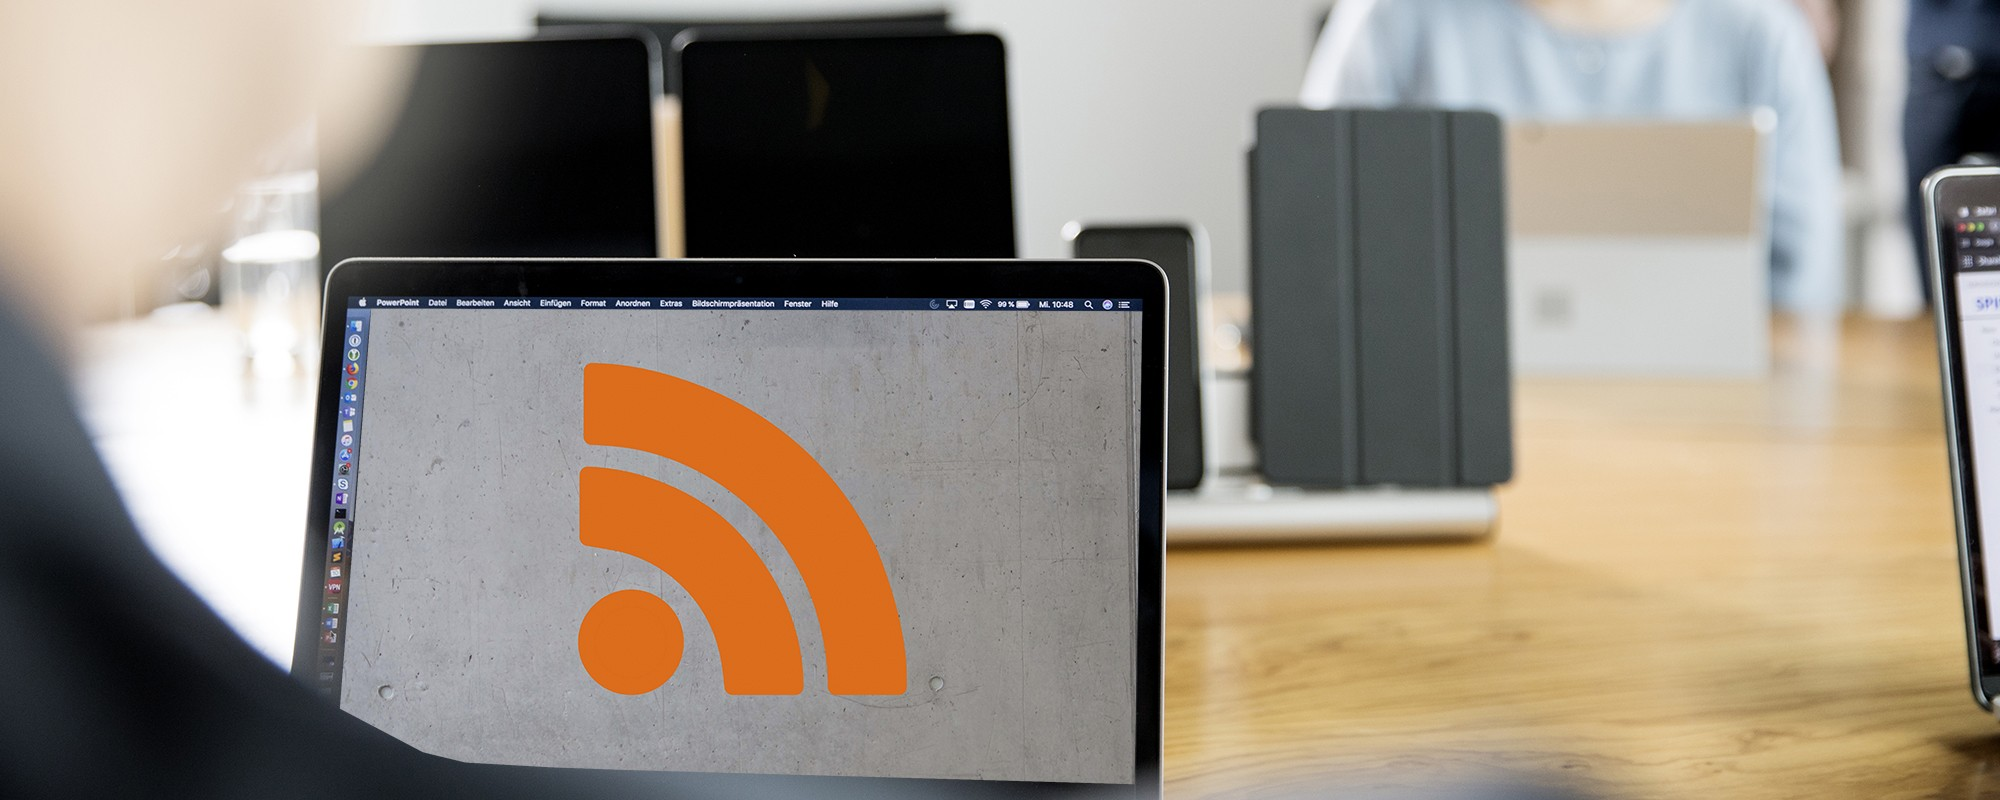 Meetingsituation mit Blick auf einen Mac-Monitor, auf dem ein RSS-Symbol zu sehen ist